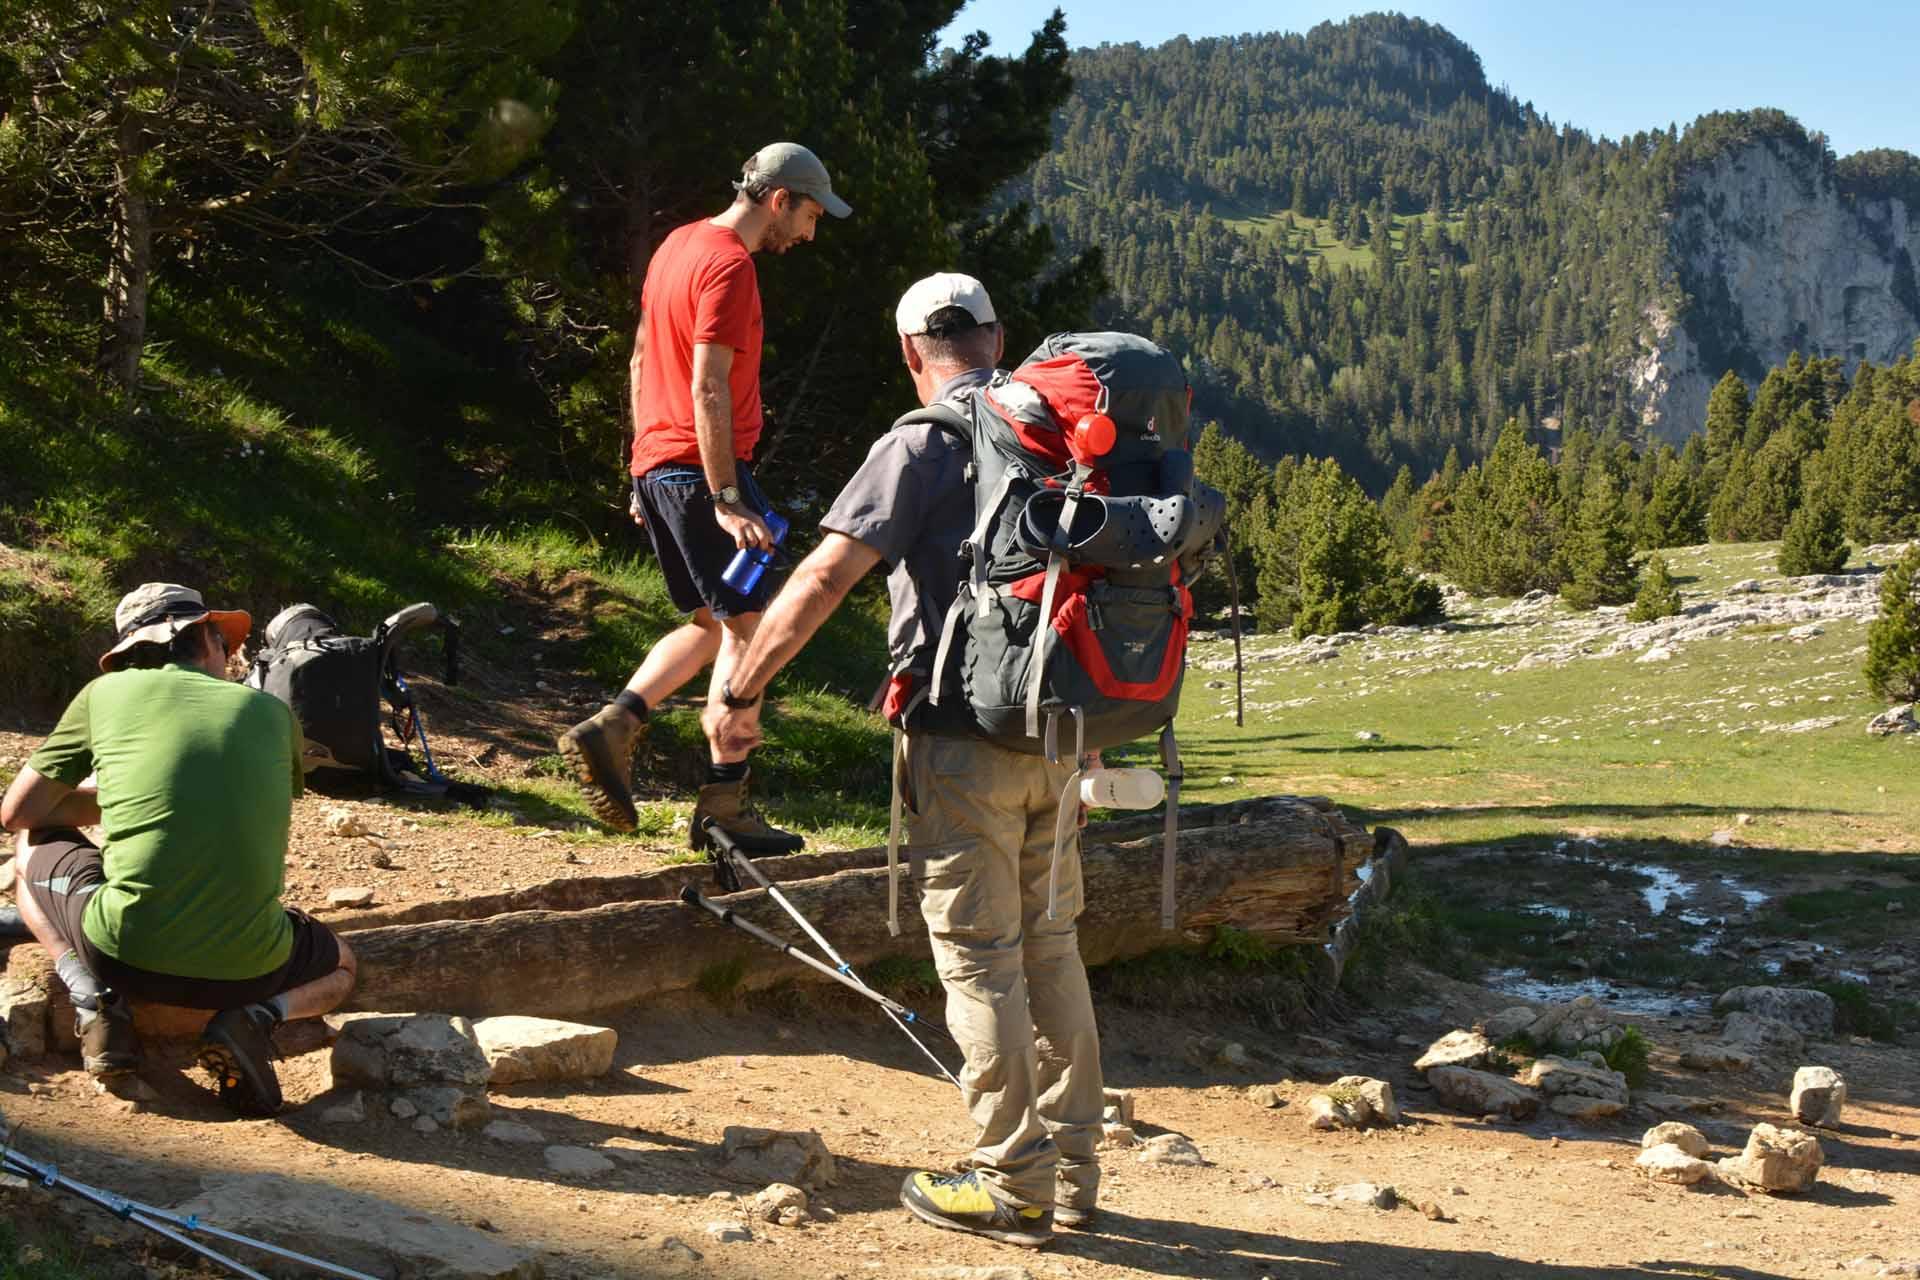 Slow Rando Sejour Liberte Decouverte Bivouac Hauts Plateaux Vercors Mont Aiguille Fontaine Endettes Pre Peyret Source